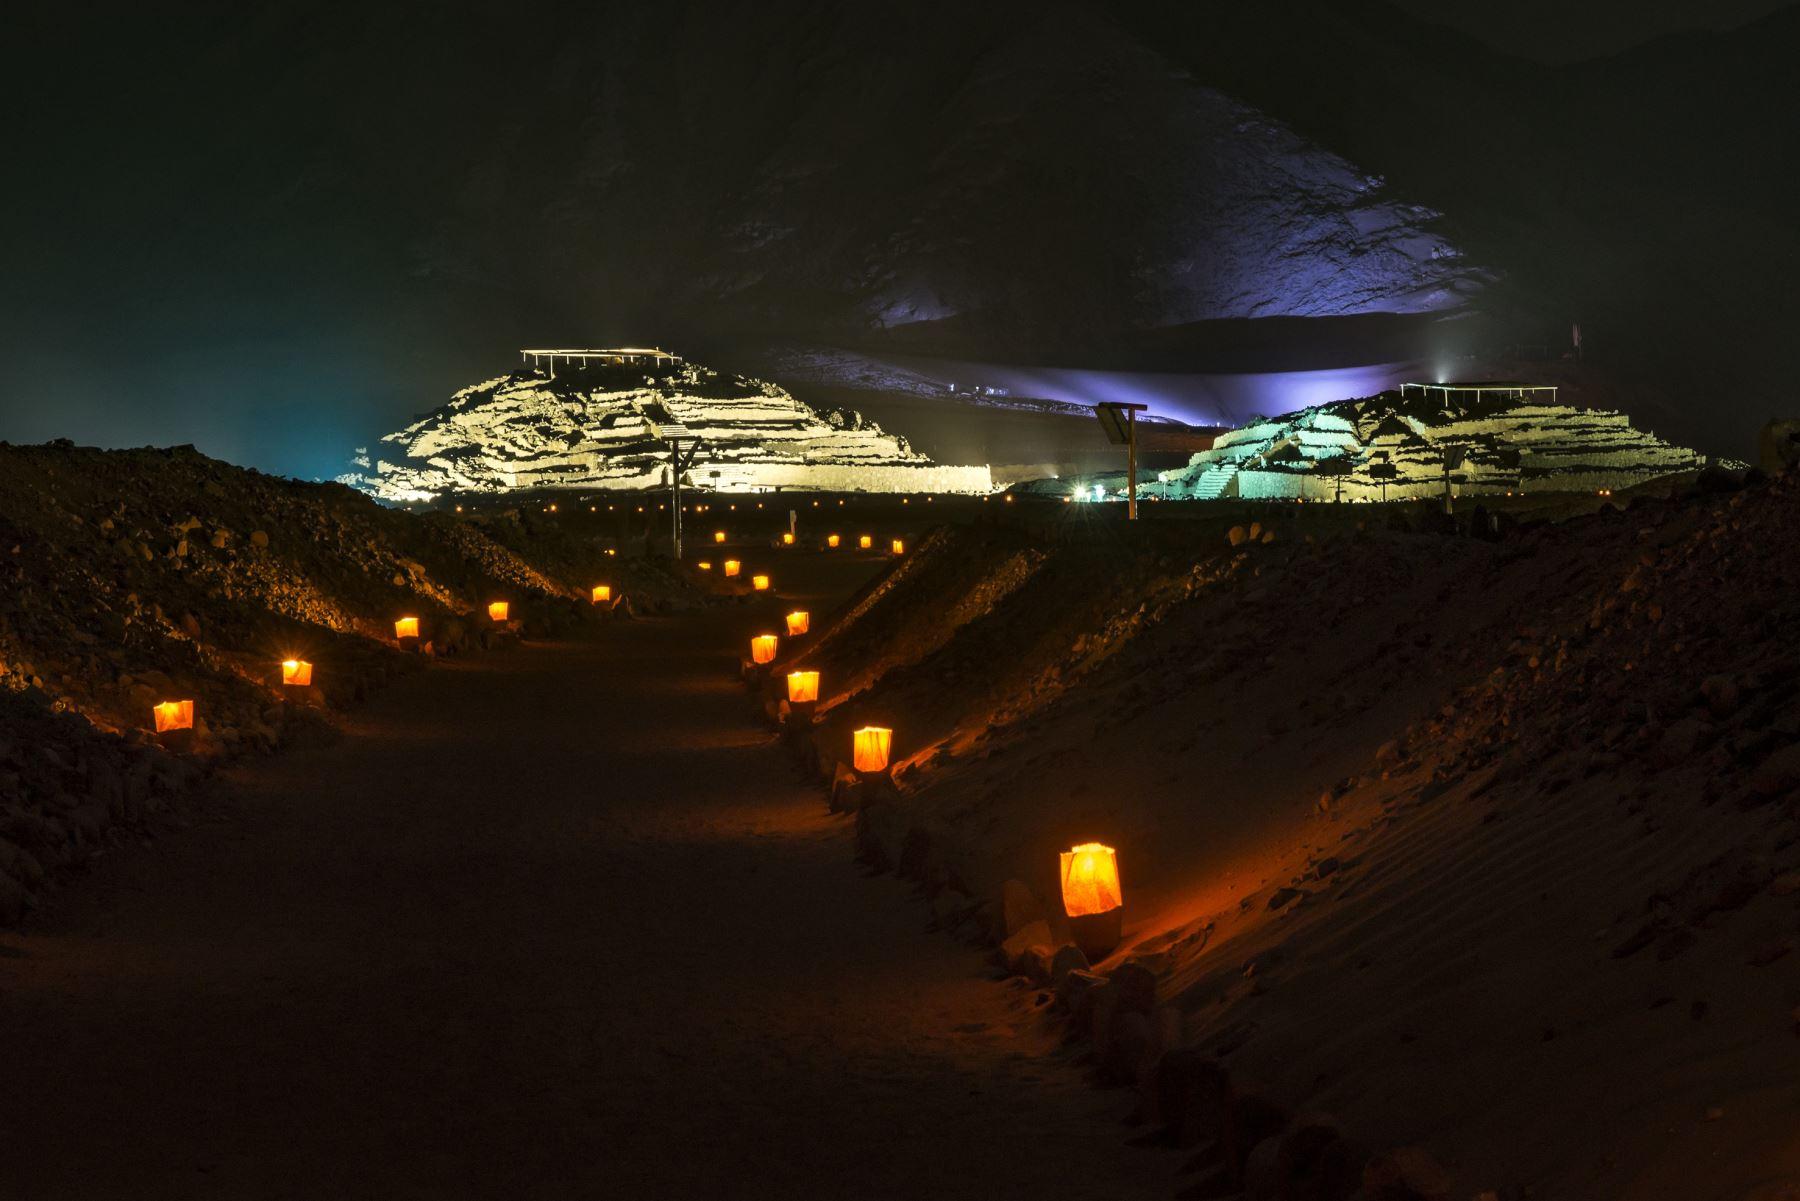 """La Ciudad Sagrada de Caral, considerada el centro de civilización más antiguo de toda América, fue declarado como bien cultural de """"valor universal excepcional"""" por el Comité del Patrimonio Mundial de la Unesco. ANDINA/archivo"""